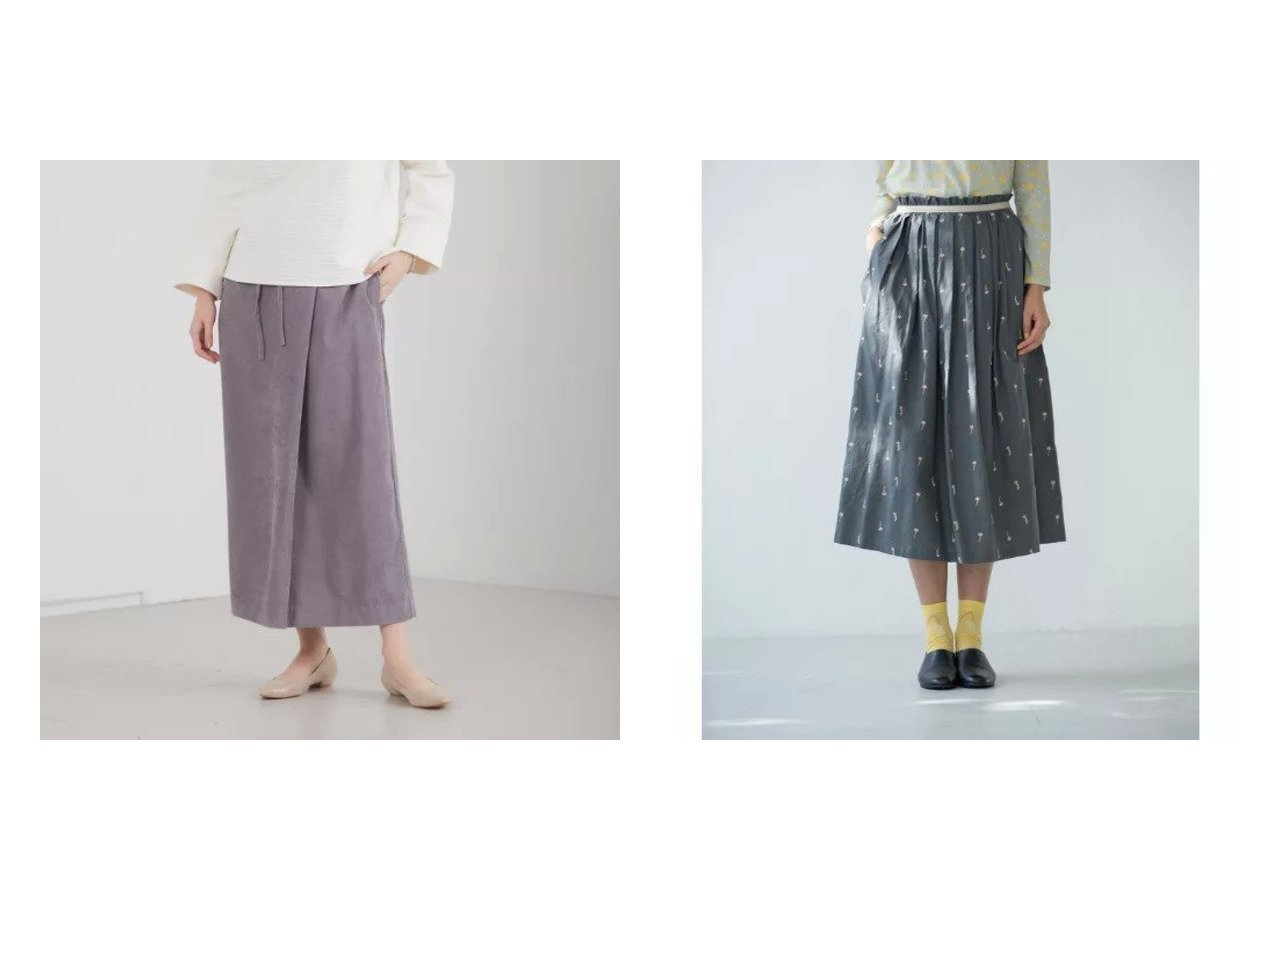 【abahouse mavie/アバハウスマヴィ】の【EC先行予約】ecru ライスコールスカート&【Sally Scott/サリースコット】のスカート スカートのおすすめ!人気、トレンド・レディースファッションの通販 おすすめで人気の流行・トレンド、ファッションの通販商品 メンズファッション・キッズファッション・インテリア・家具・レディースファッション・服の通販 founy(ファニー) https://founy.com/ ファッション Fashion レディースファッション WOMEN スカート Skirt 春 Spring コンパクト シンプル スニーカー スリット ブルゾン マキシ ロング |ID:crp329100000016294